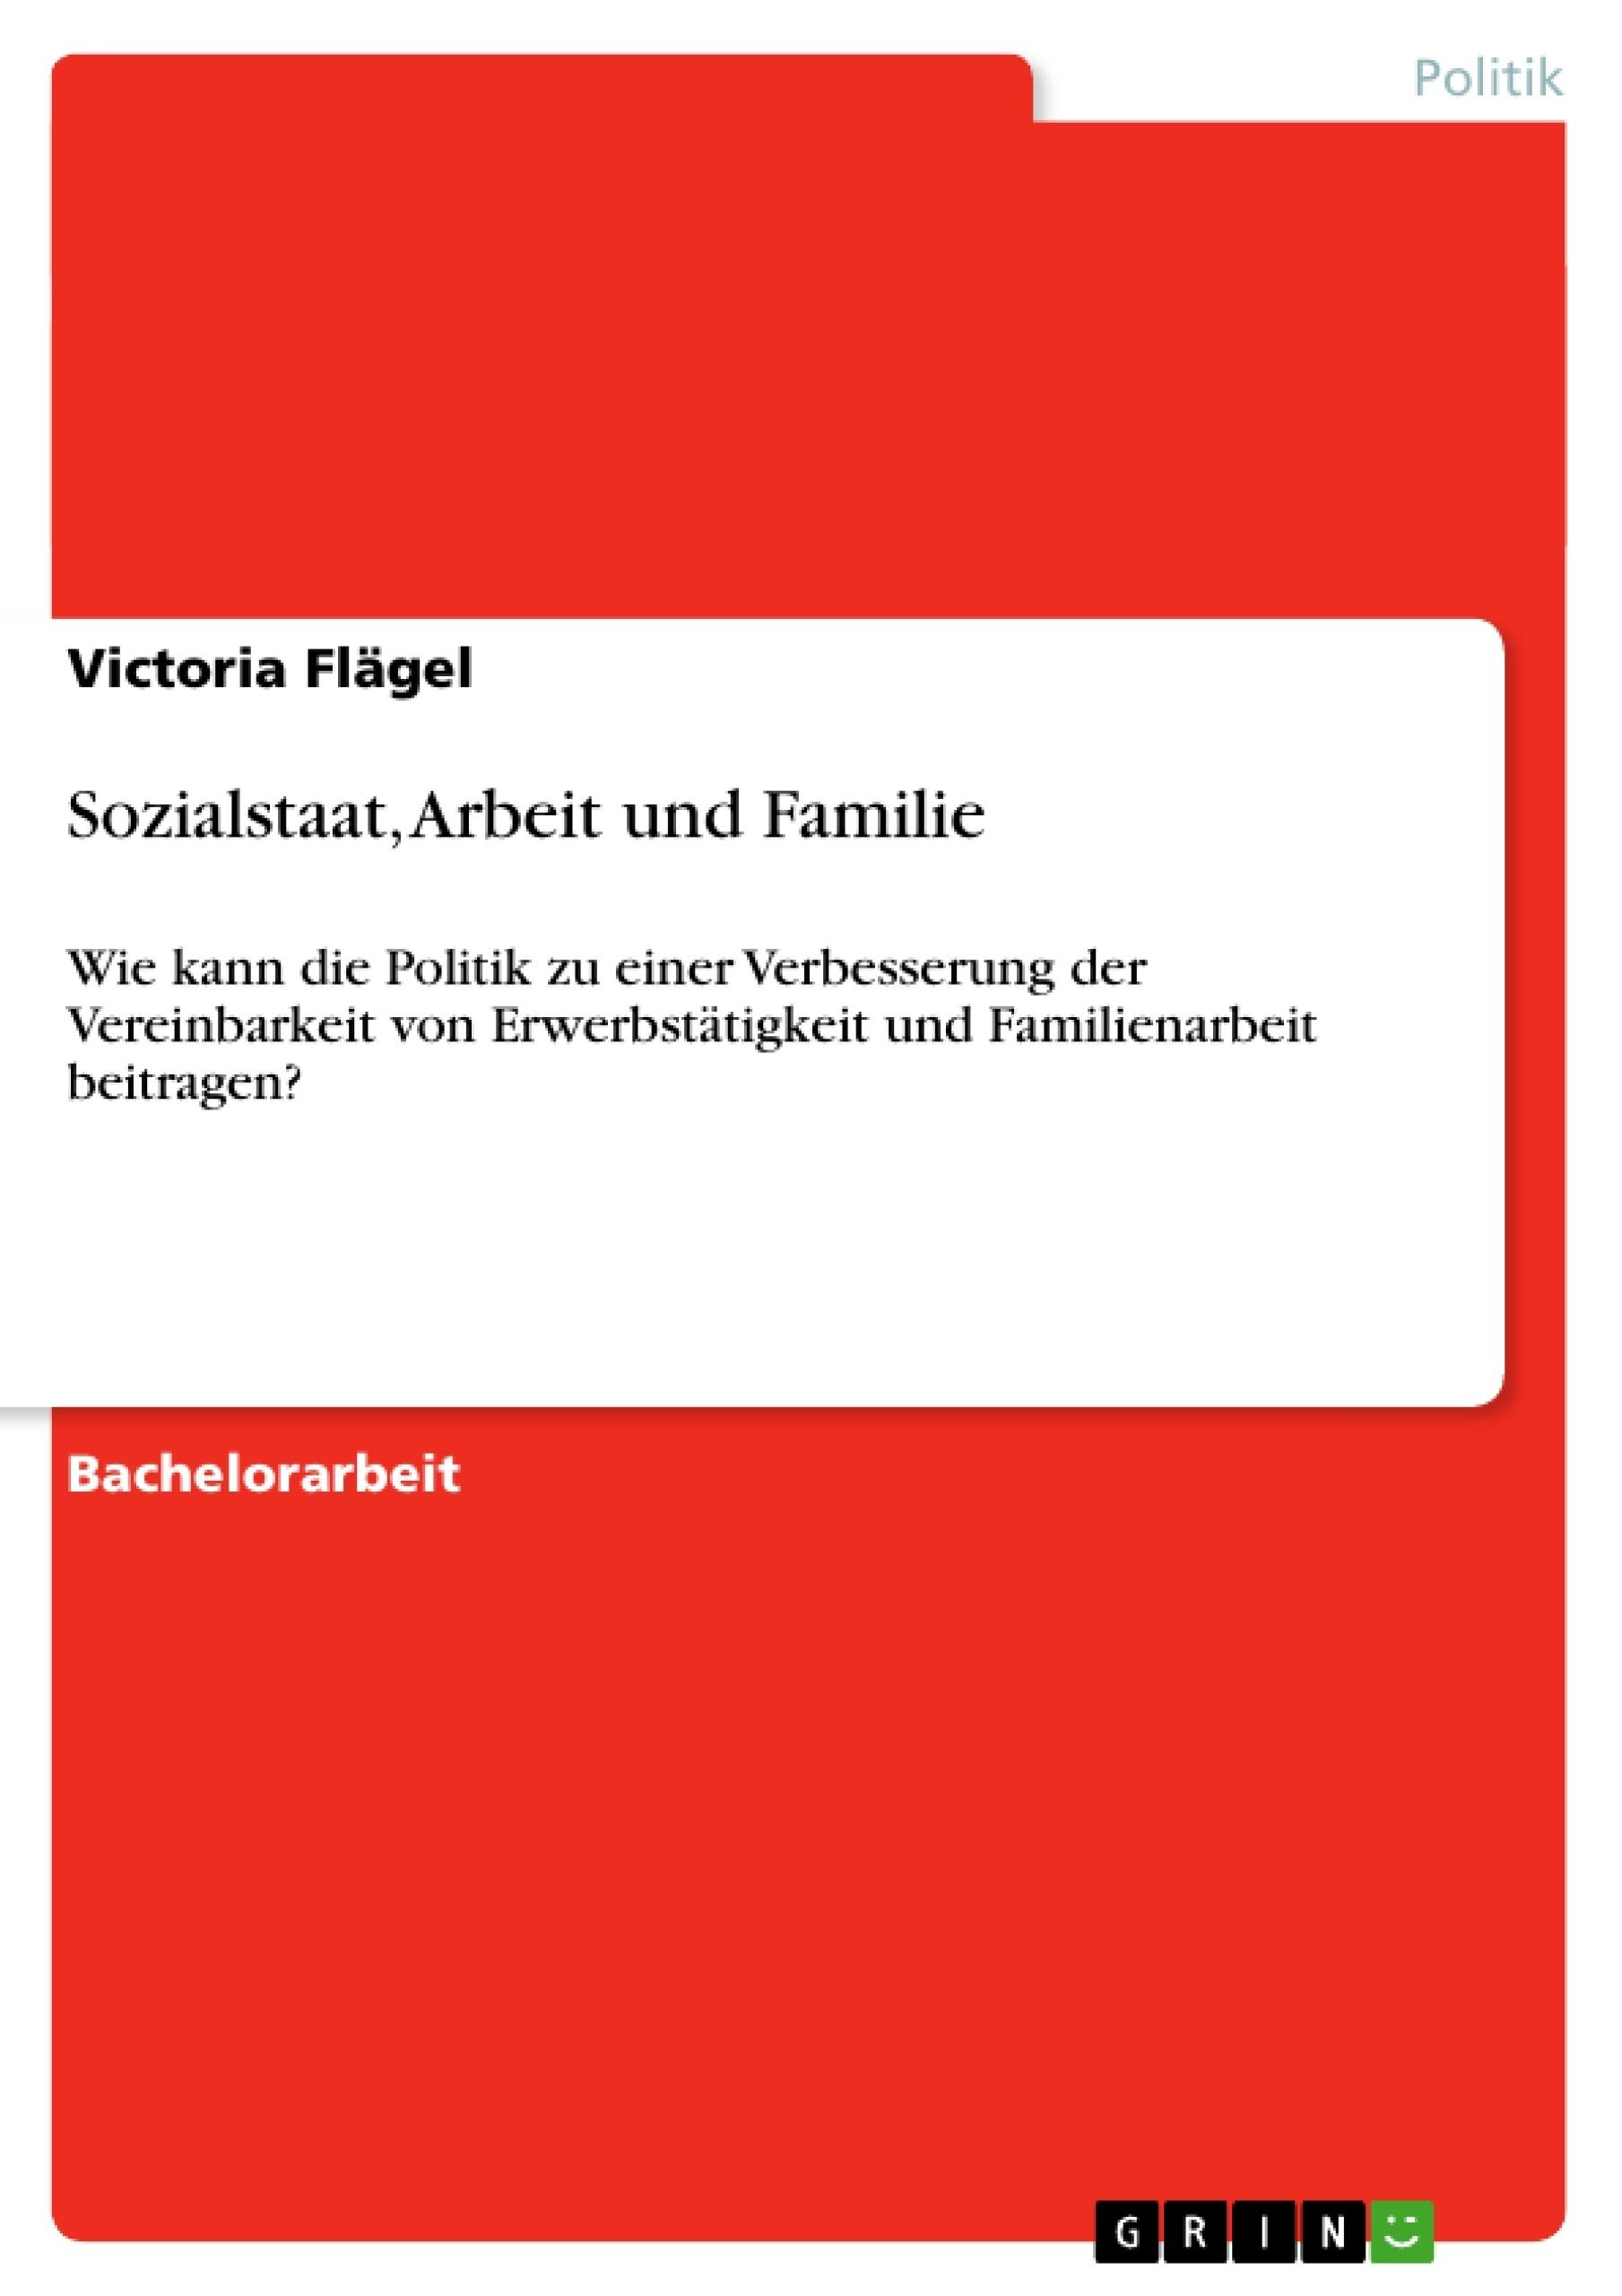 Titel: Sozialstaat, Arbeit und Familie